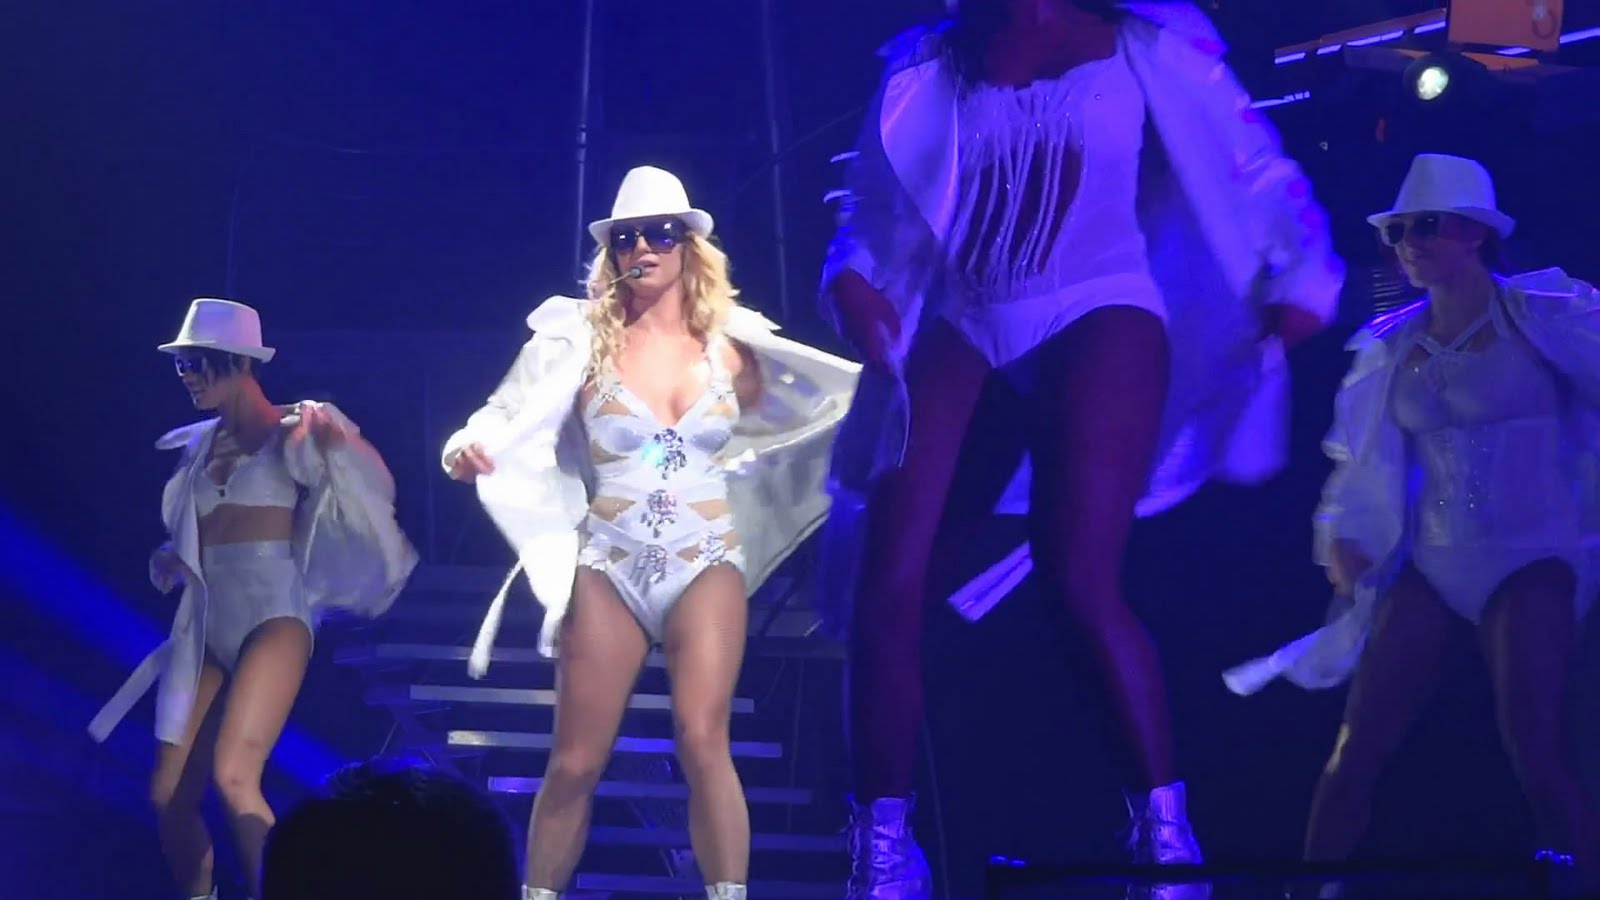 http://1.bp.blogspot.com/-iZw1_70EeYM/TpsBaNnvO0I/AAAAAAAABU4/8FRuwsaq6z0/s1600/Britney%2BSpears%2B-%2B3%2B%2528Live%2B%2540%2BFemme%2BFatale%2BTour%2Bin%2BBudapest%2B2011-09-30%25292.jpg